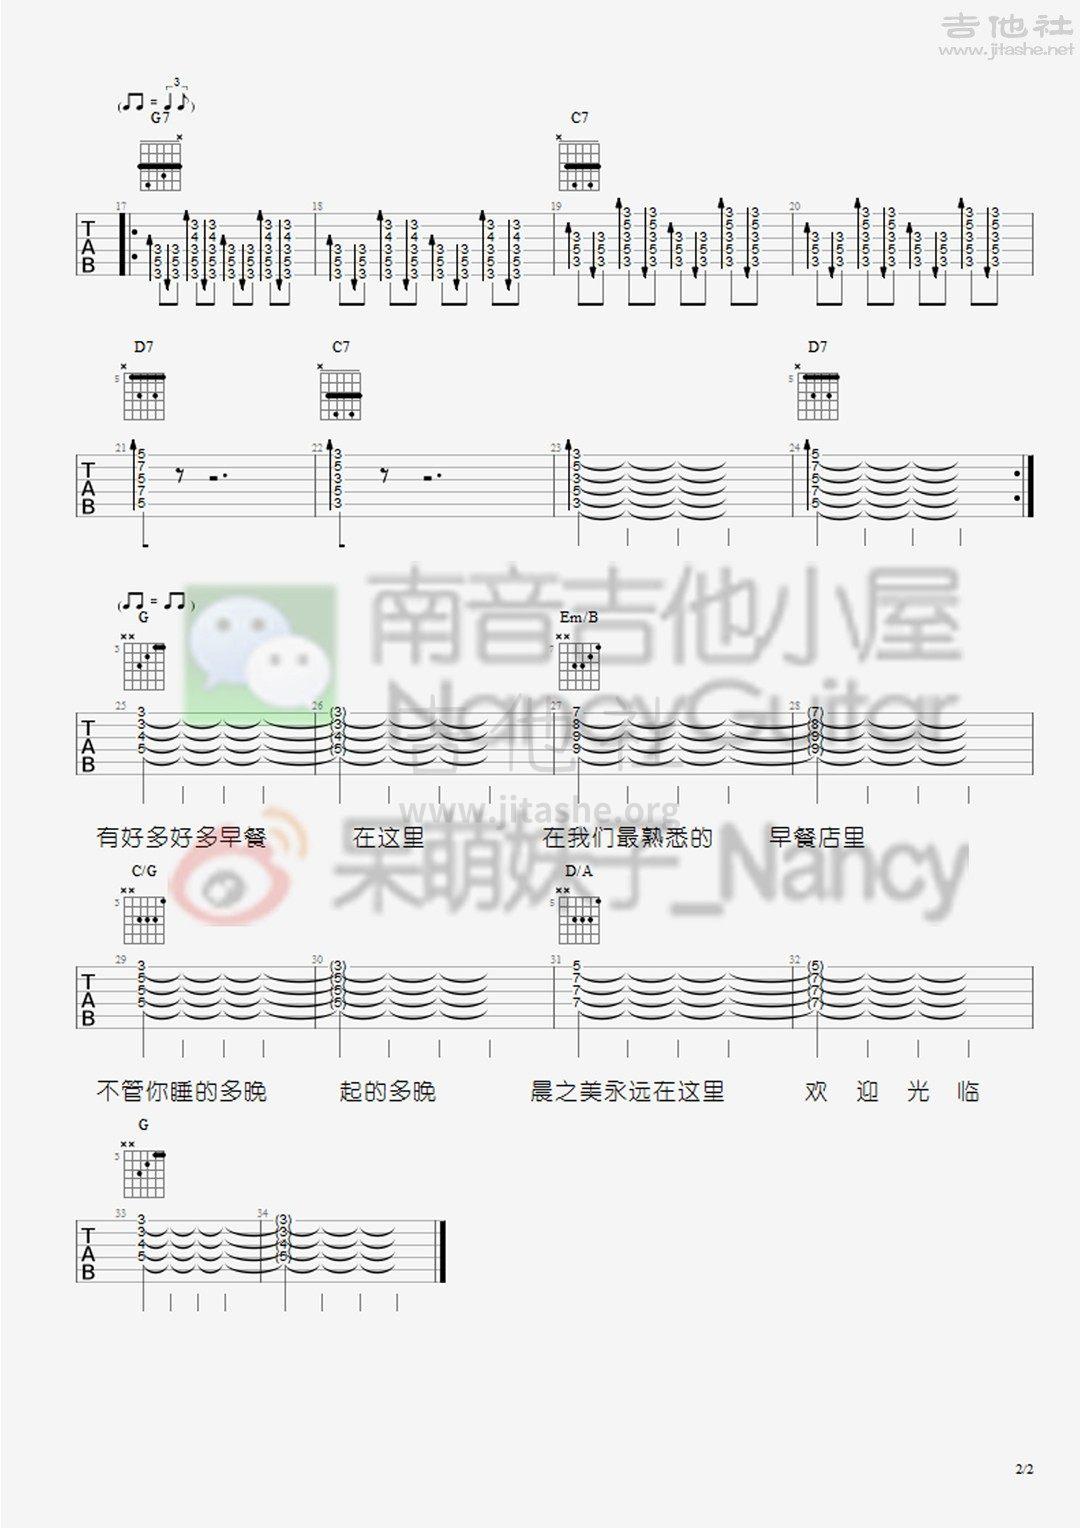 刘天礼吉他教学视频_吉他入门_吉他教学_吉他弹唱教视频_新视网